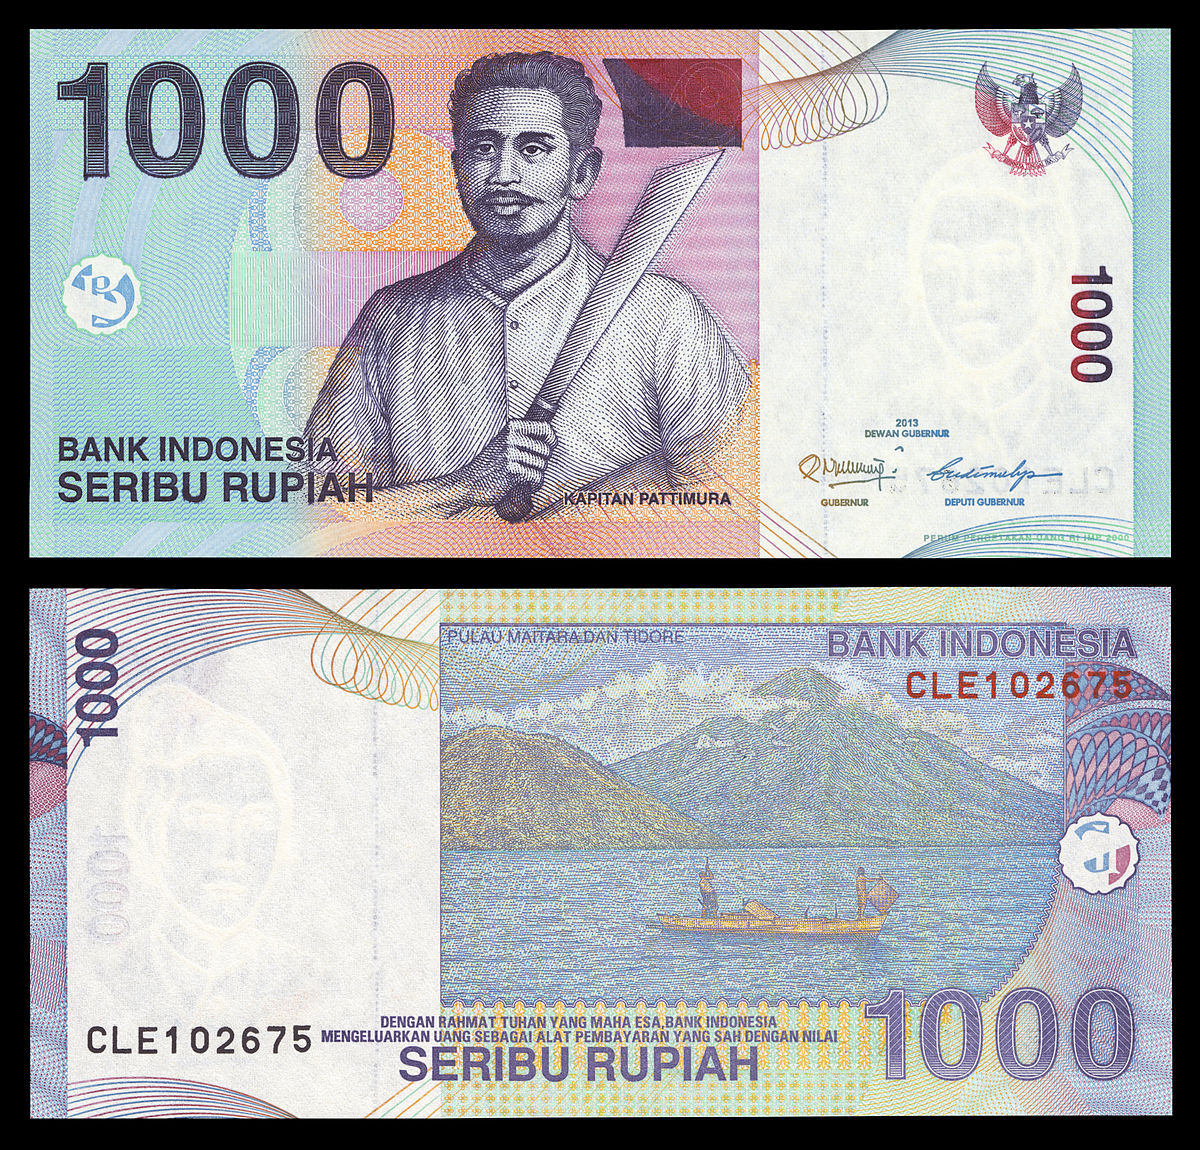 File 1000 Rupiah Bill 2000 Series